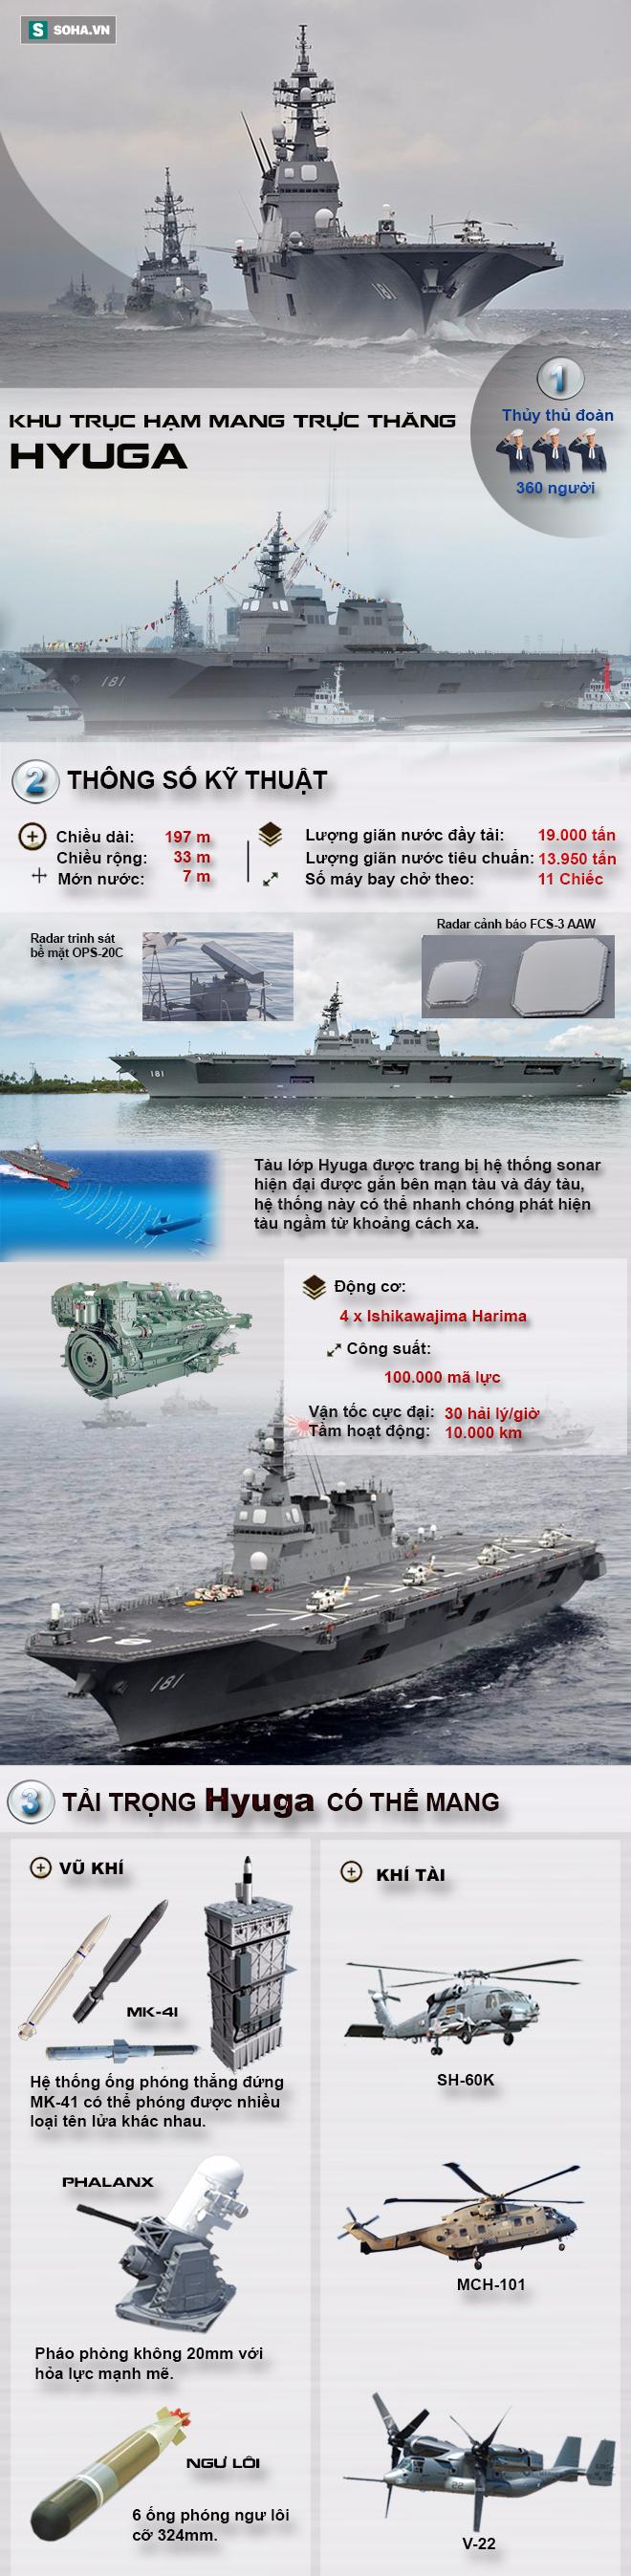 Khu trục hạm mang trực thăng độc nhất vô nhị của Hải quân Nhật Bản - Ảnh 1.